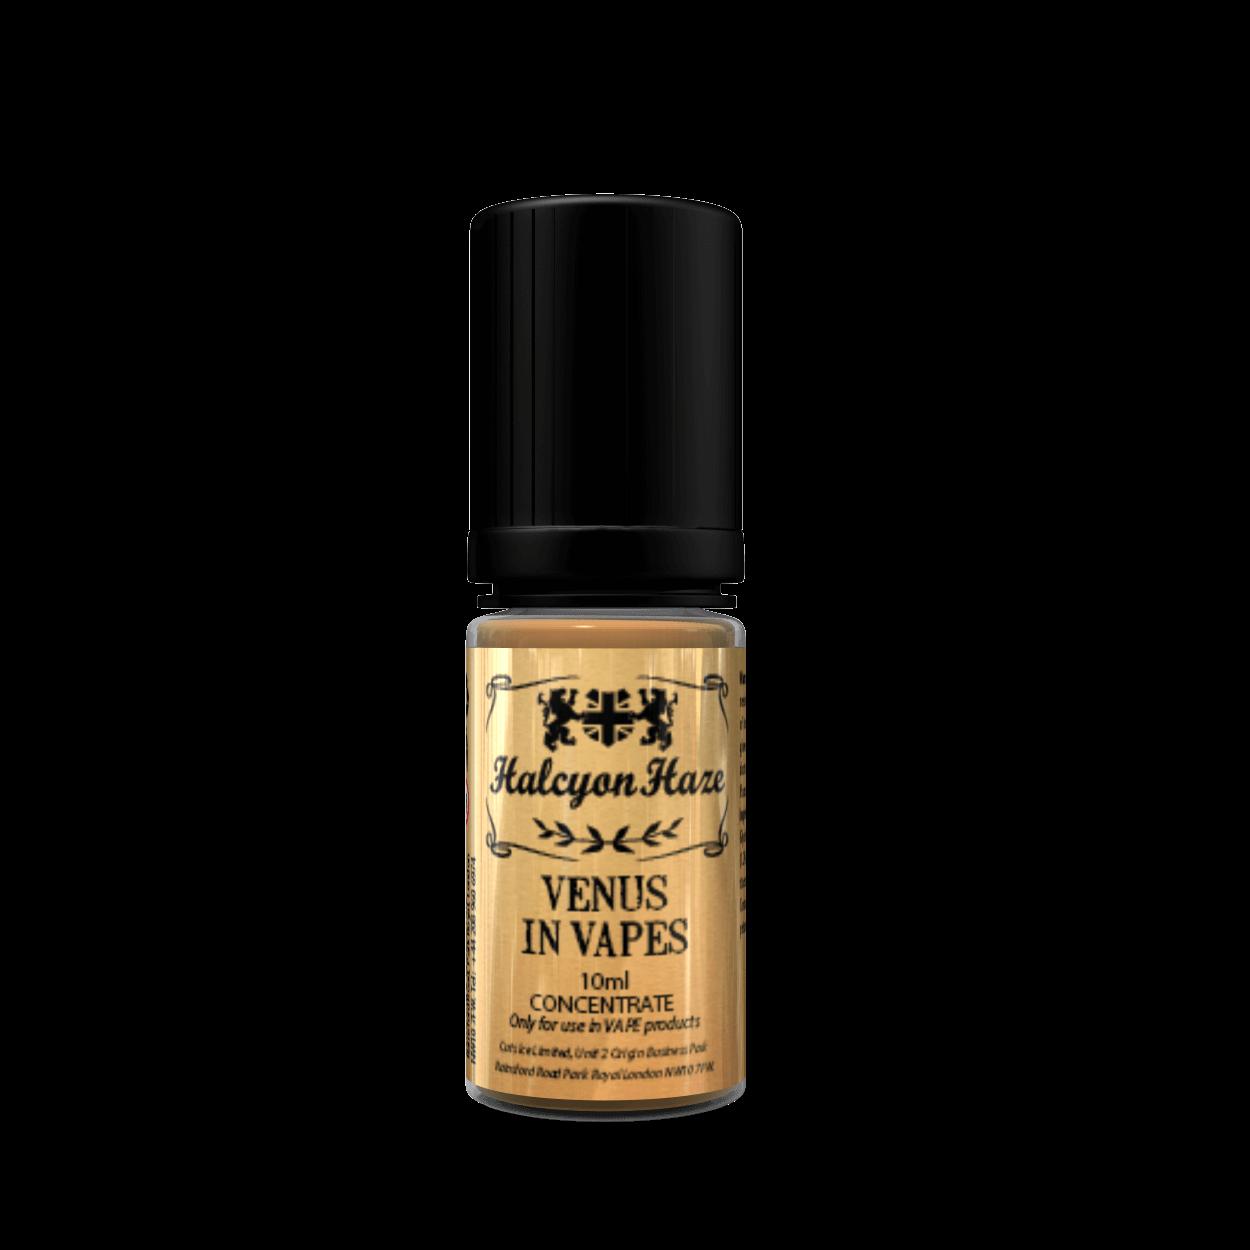 Halcyon Haze Venus in Vapes Aroma concentrato 10 ml al sapore di anice, purea di mele, crema pasticcera, vaniglia bourbon